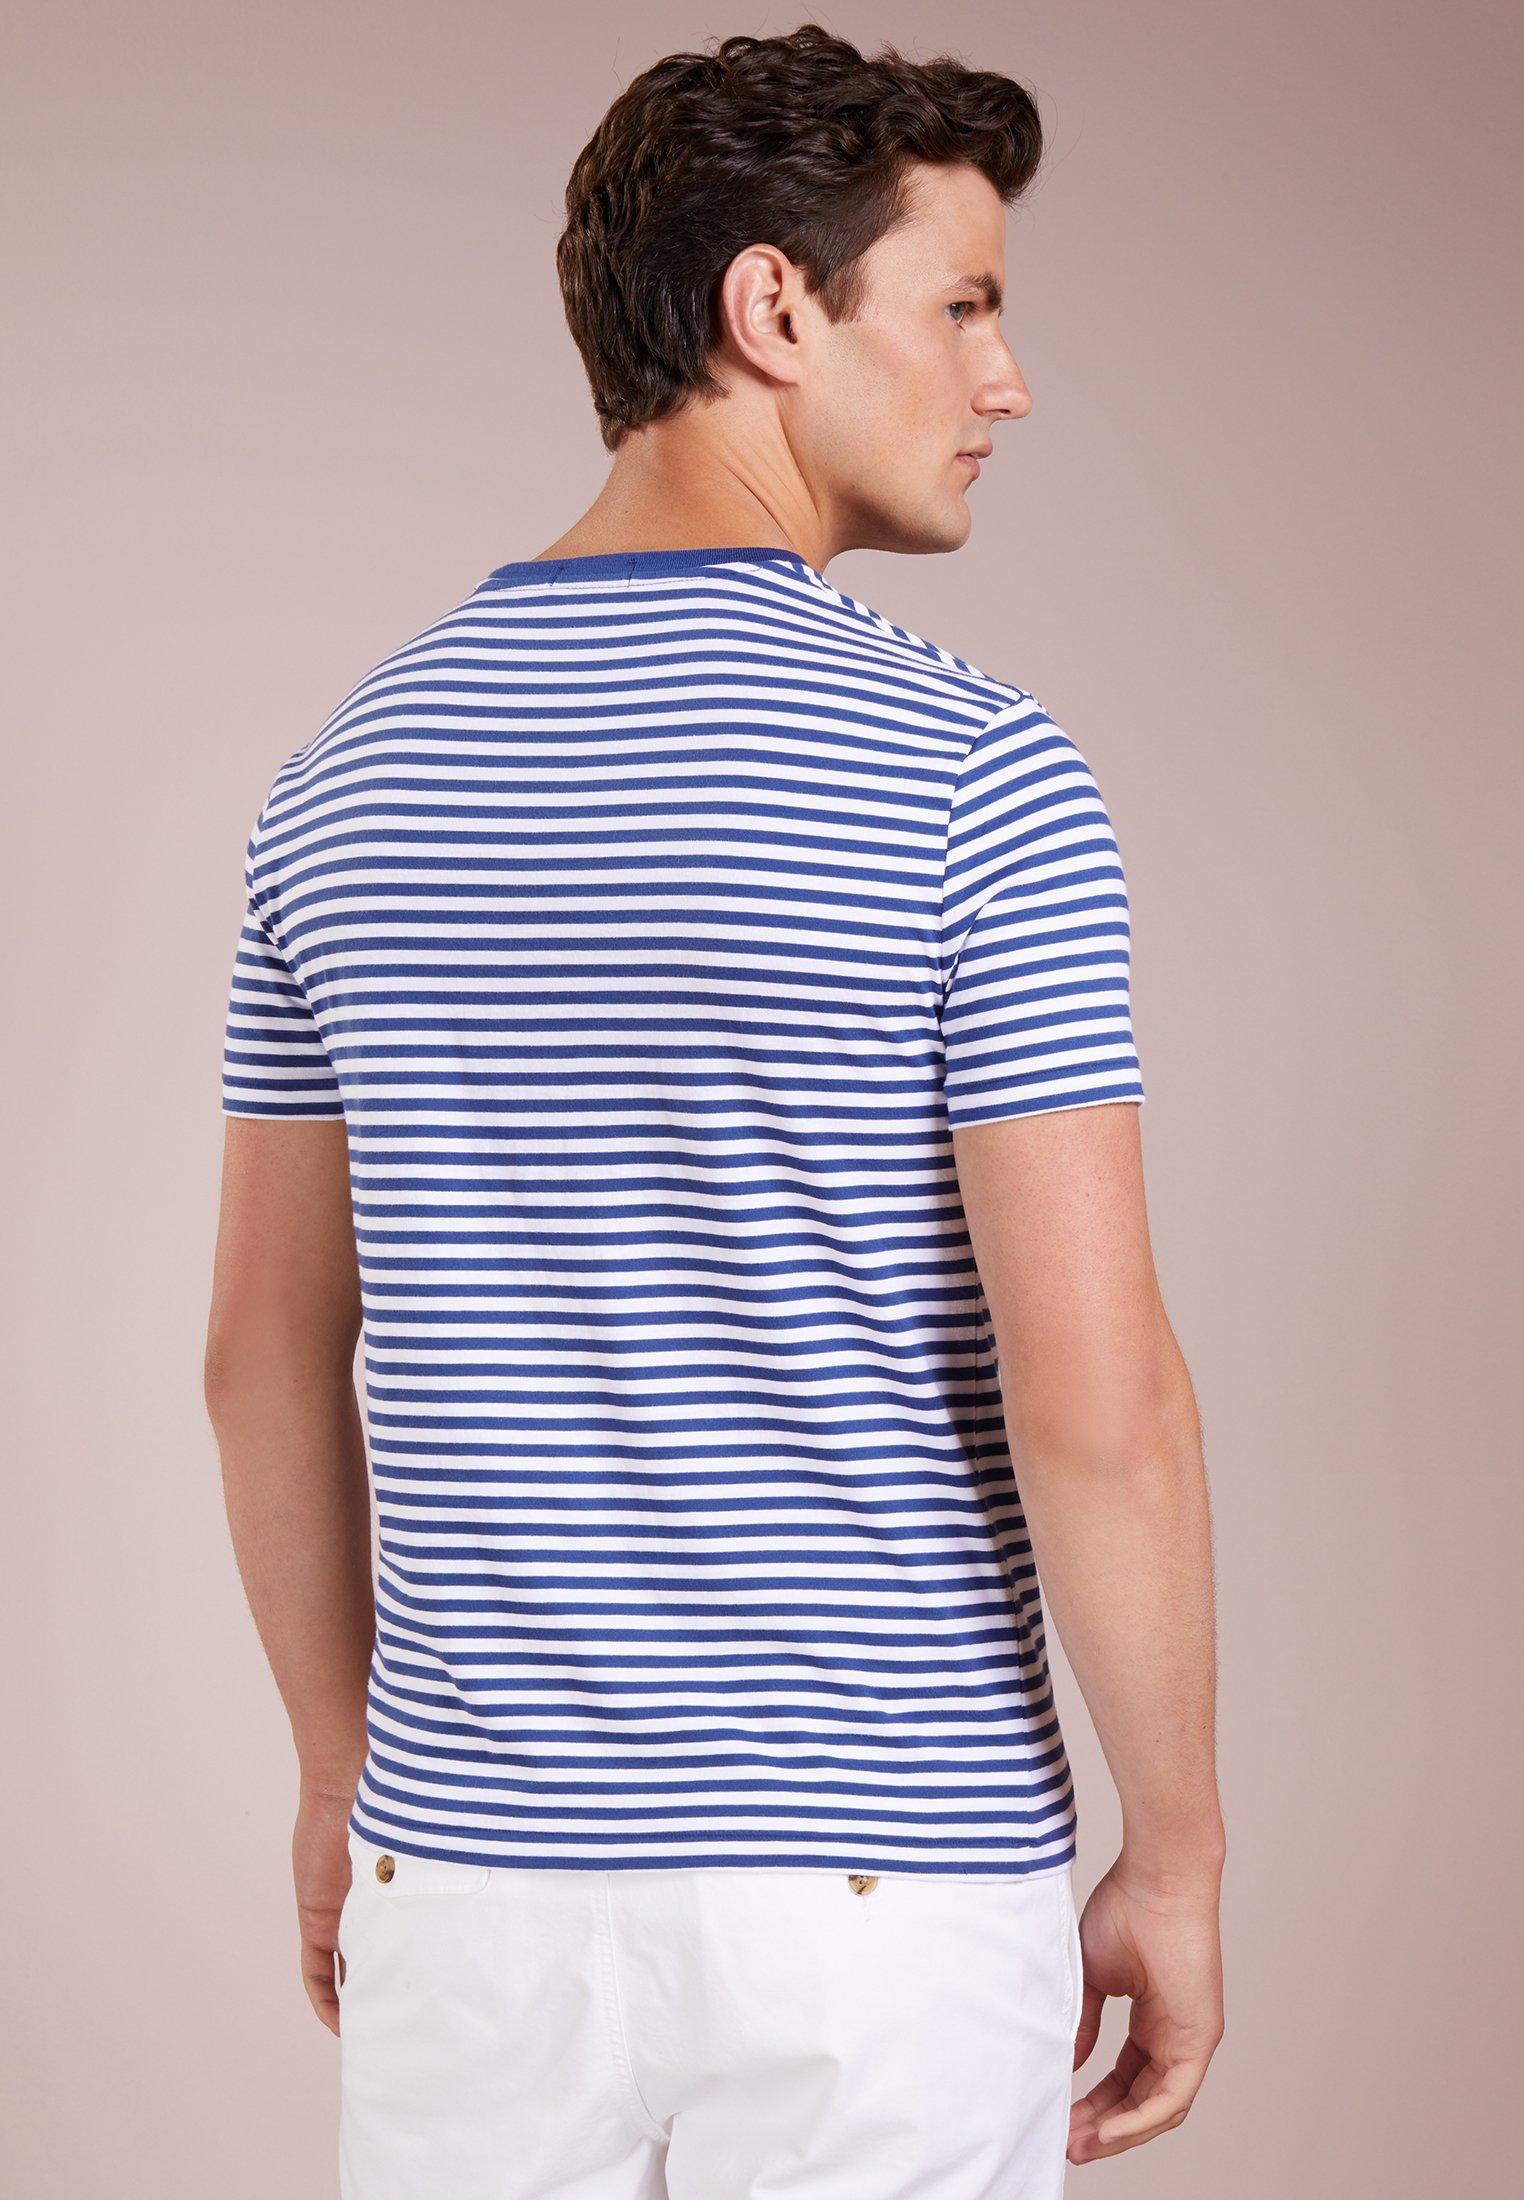 Lauren T Ralph Shirt blue white Polo annapolis print 43LqAj5R